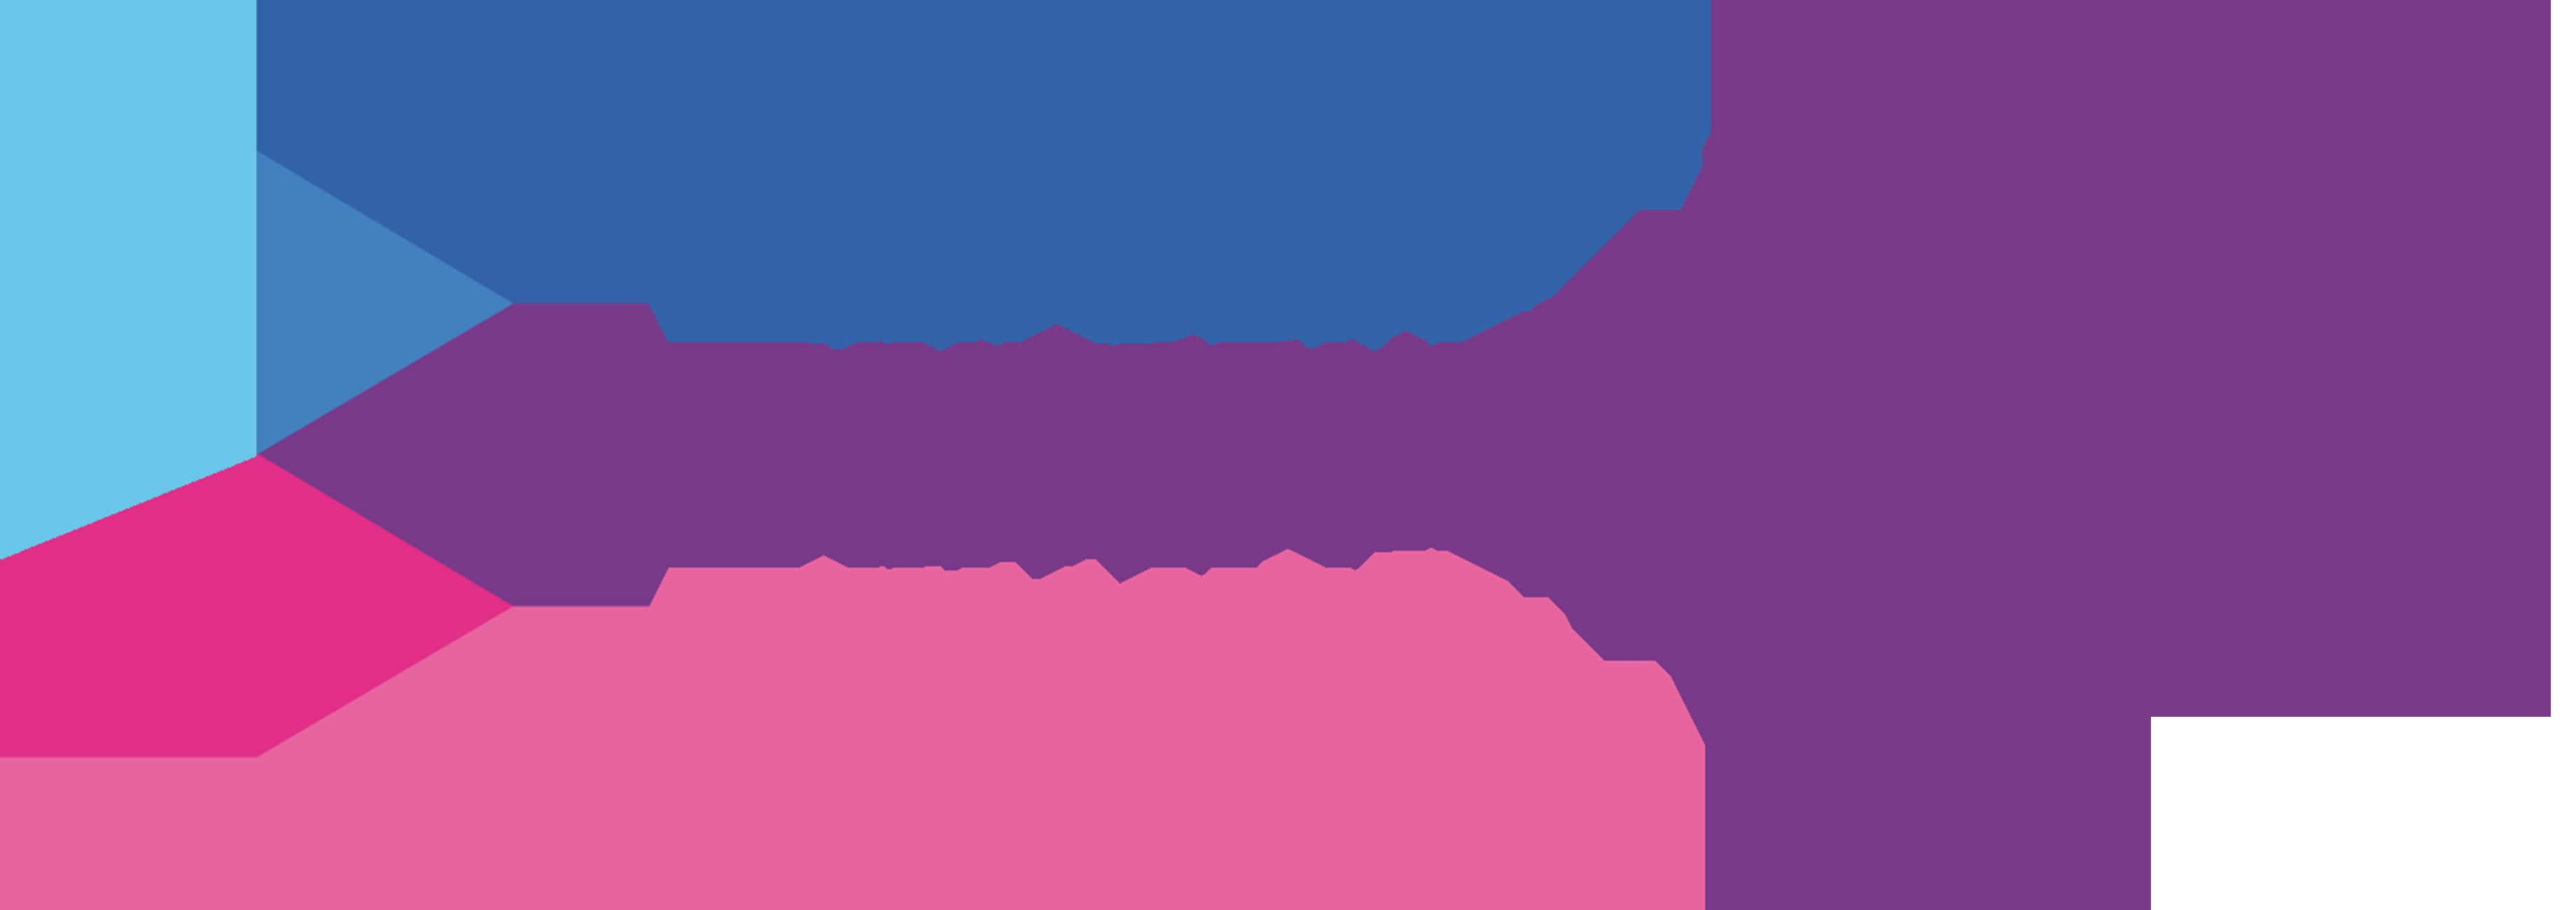 Ткань оптом с доставкой по России - Первый Текстильный.